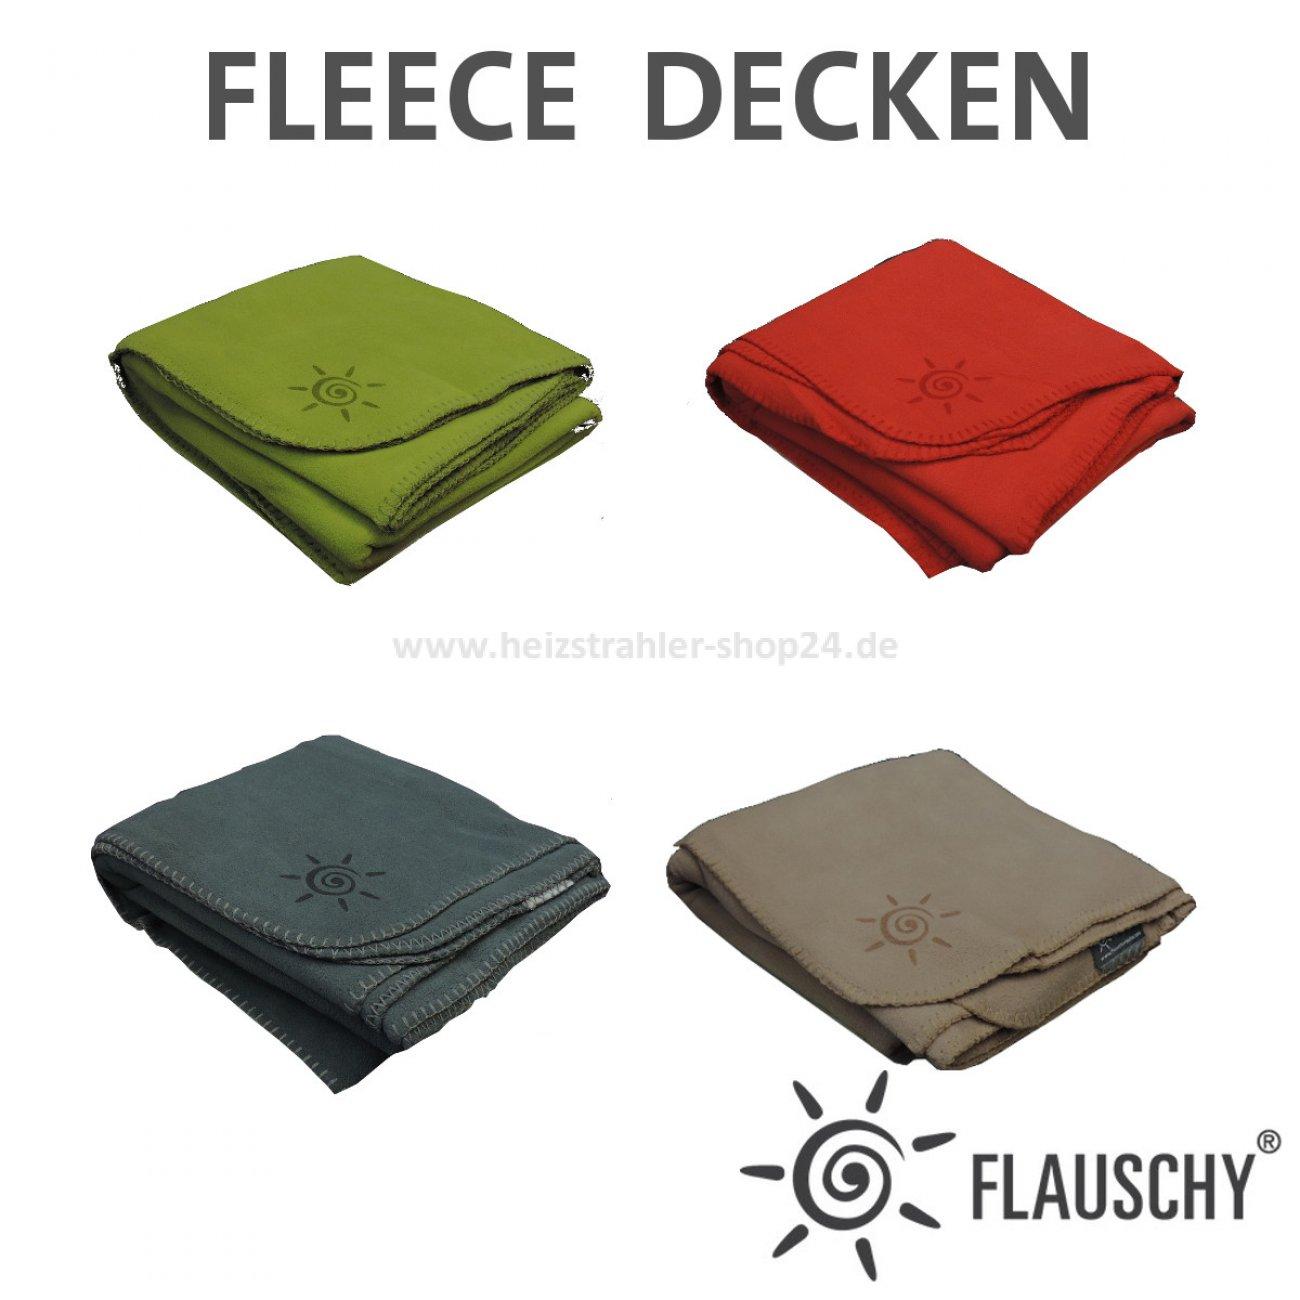 Flauschy Fleecedecke - Kuscheldecke für die Gastronomie, den ...